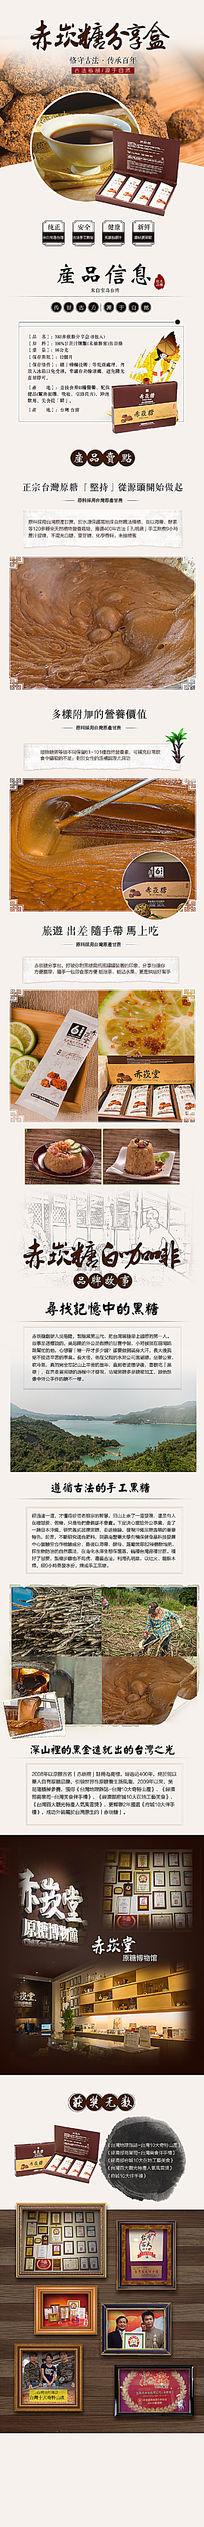 咖啡软糖淘宝详情页设计